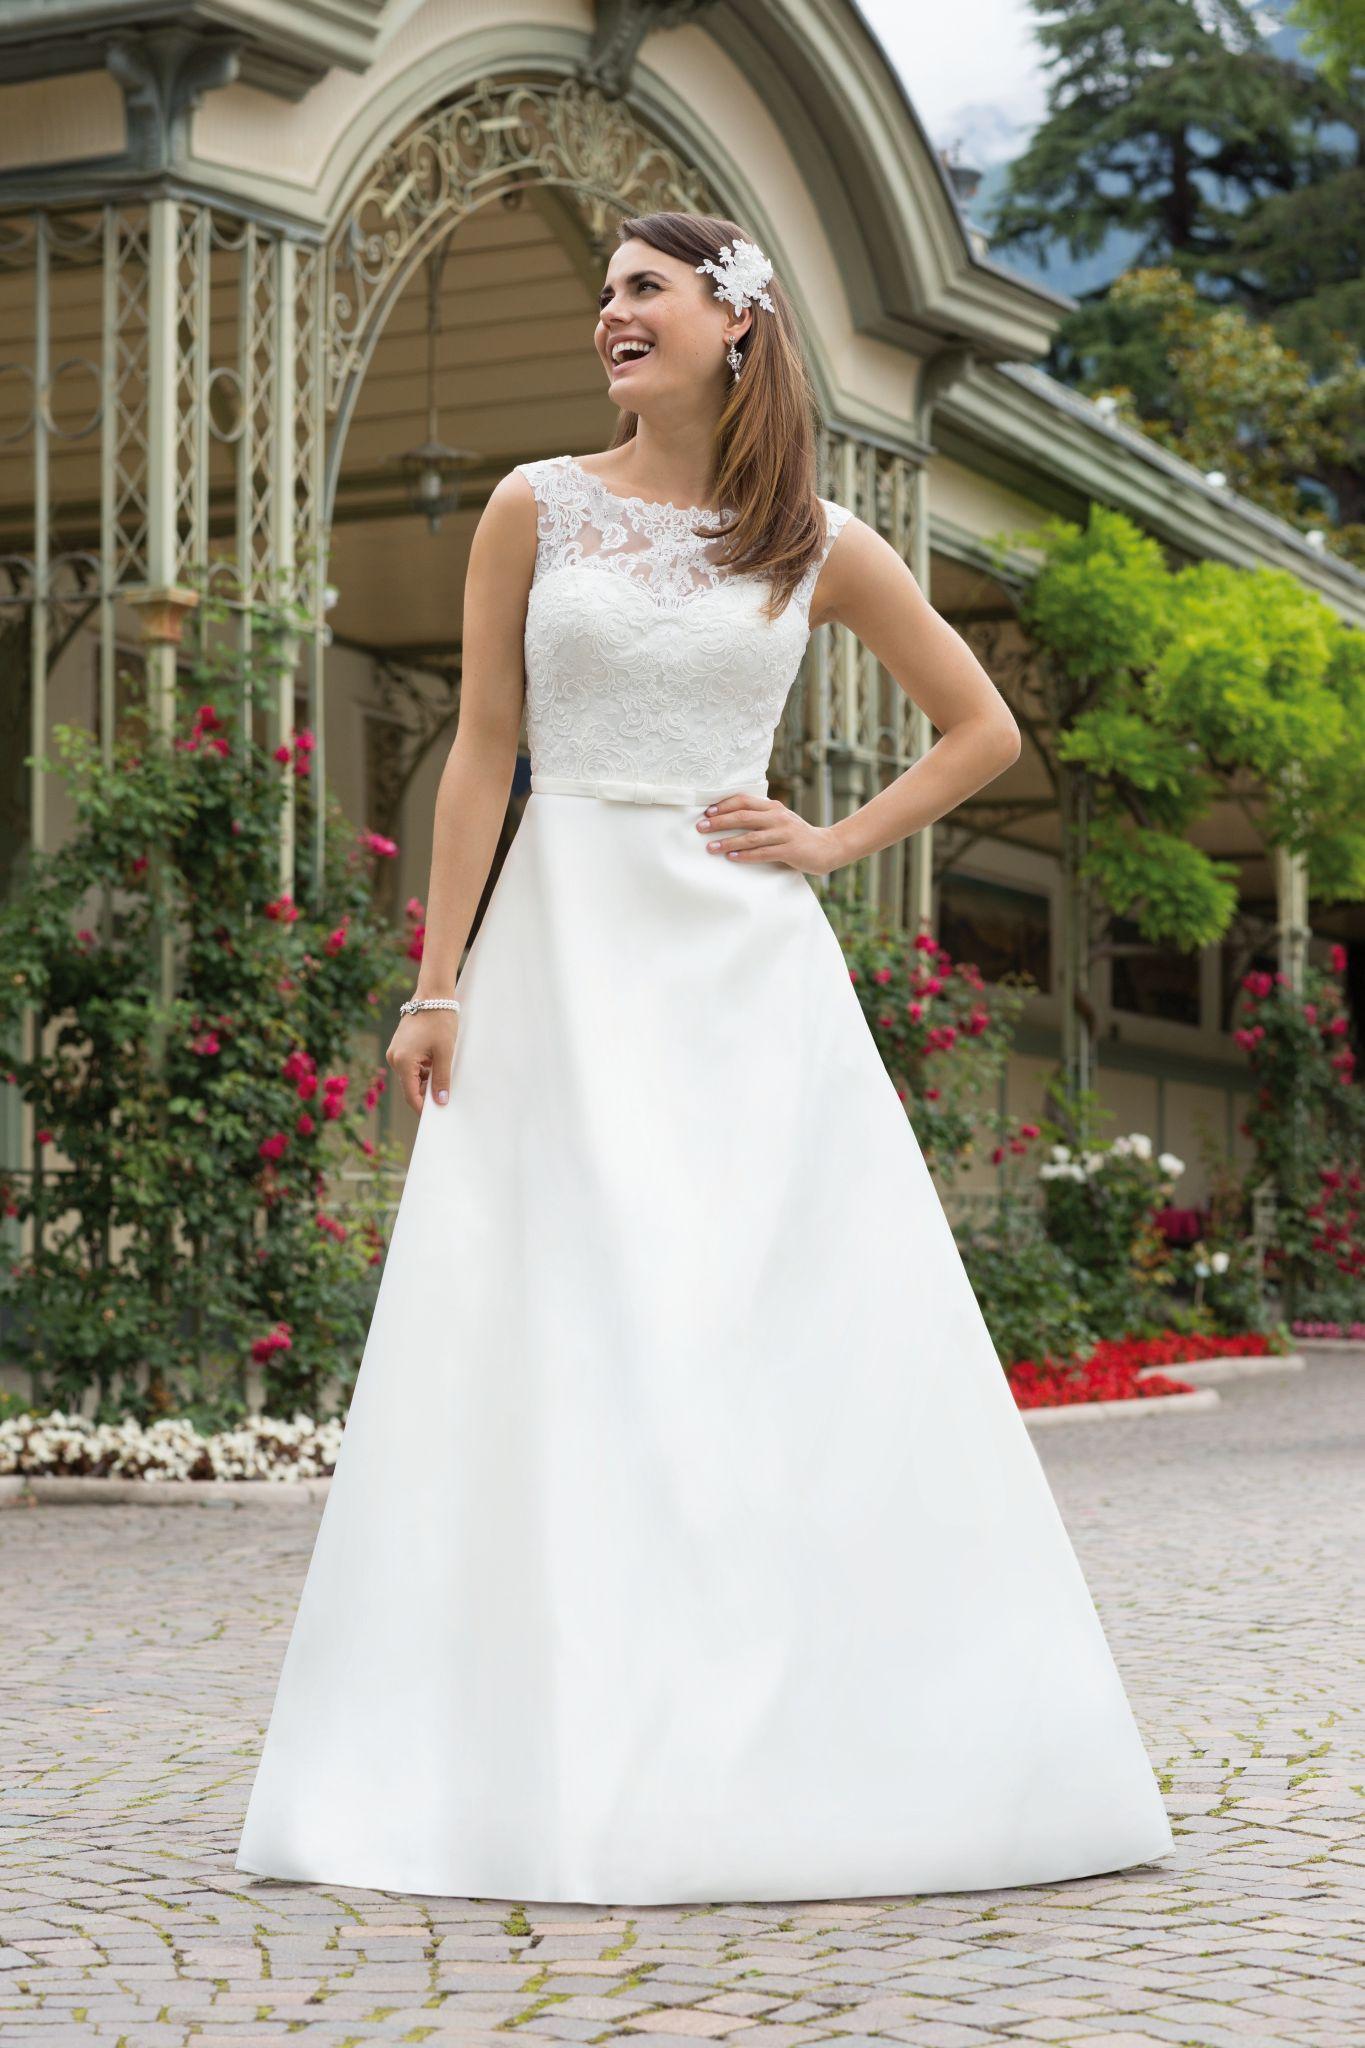 Wunderbar Finden Perfekte Brautkleid Fotos - Hochzeit Kleid Stile ...